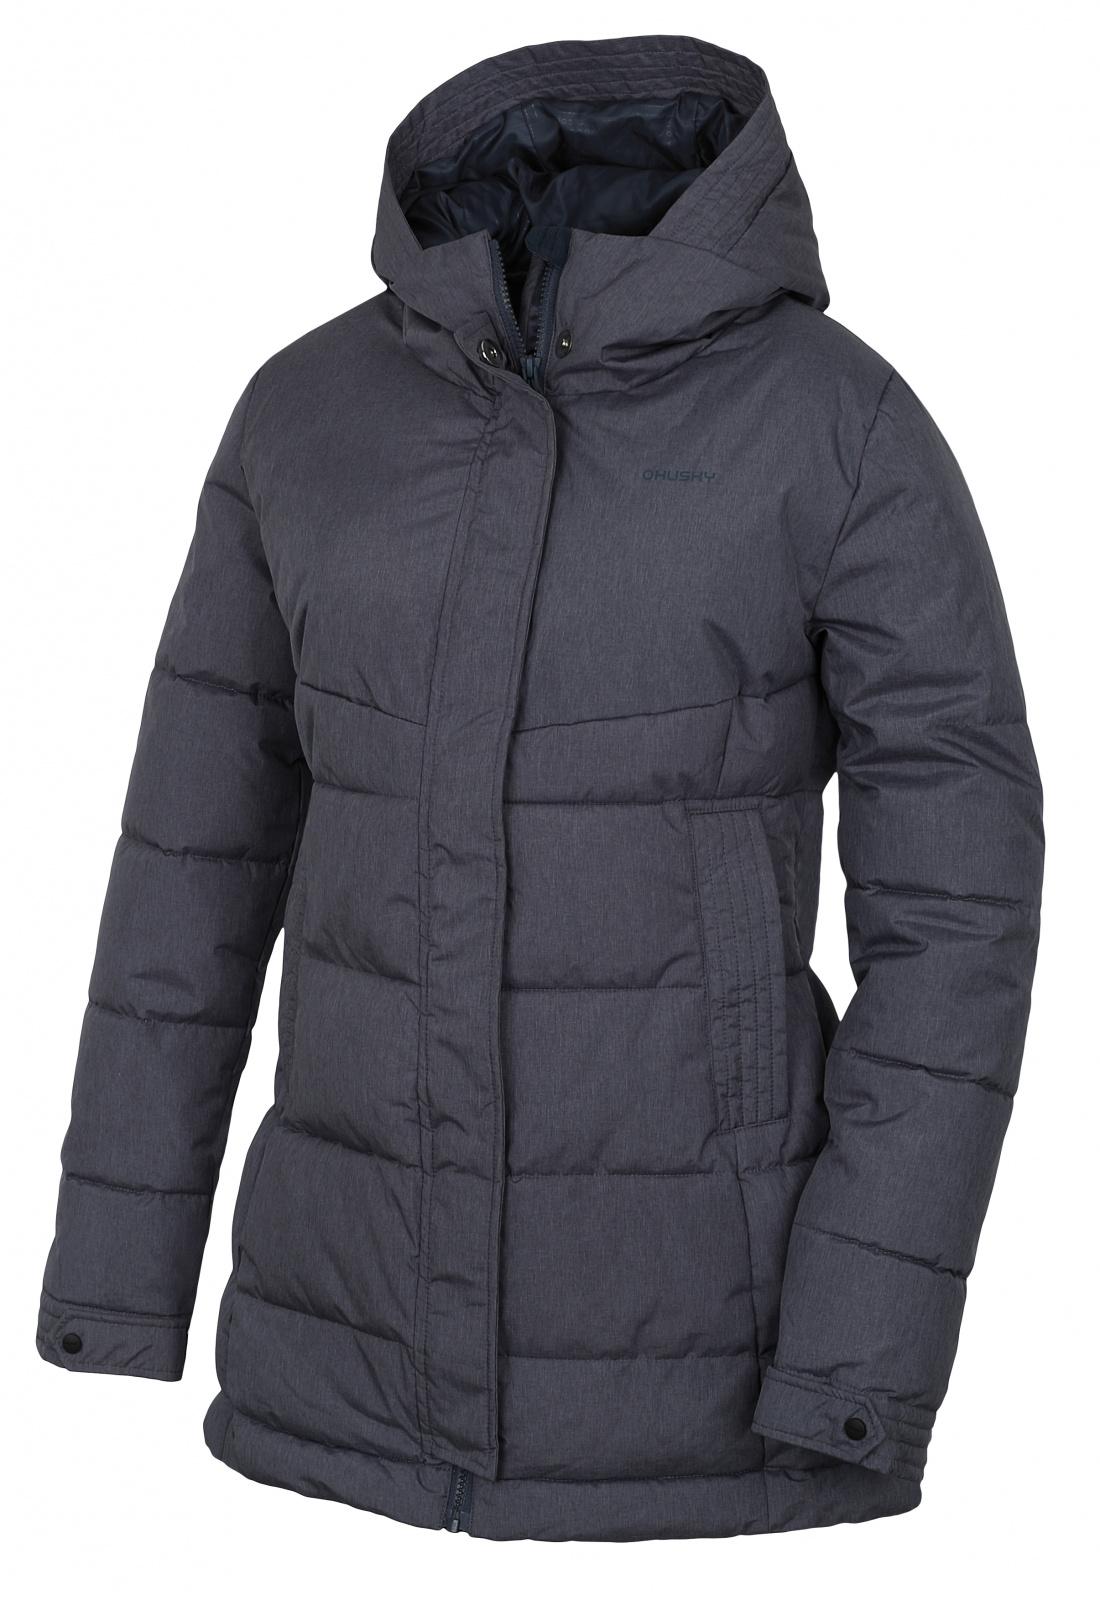 Husky Dámský hardshell plněný kabátek Nilit L antracit Velikost: S